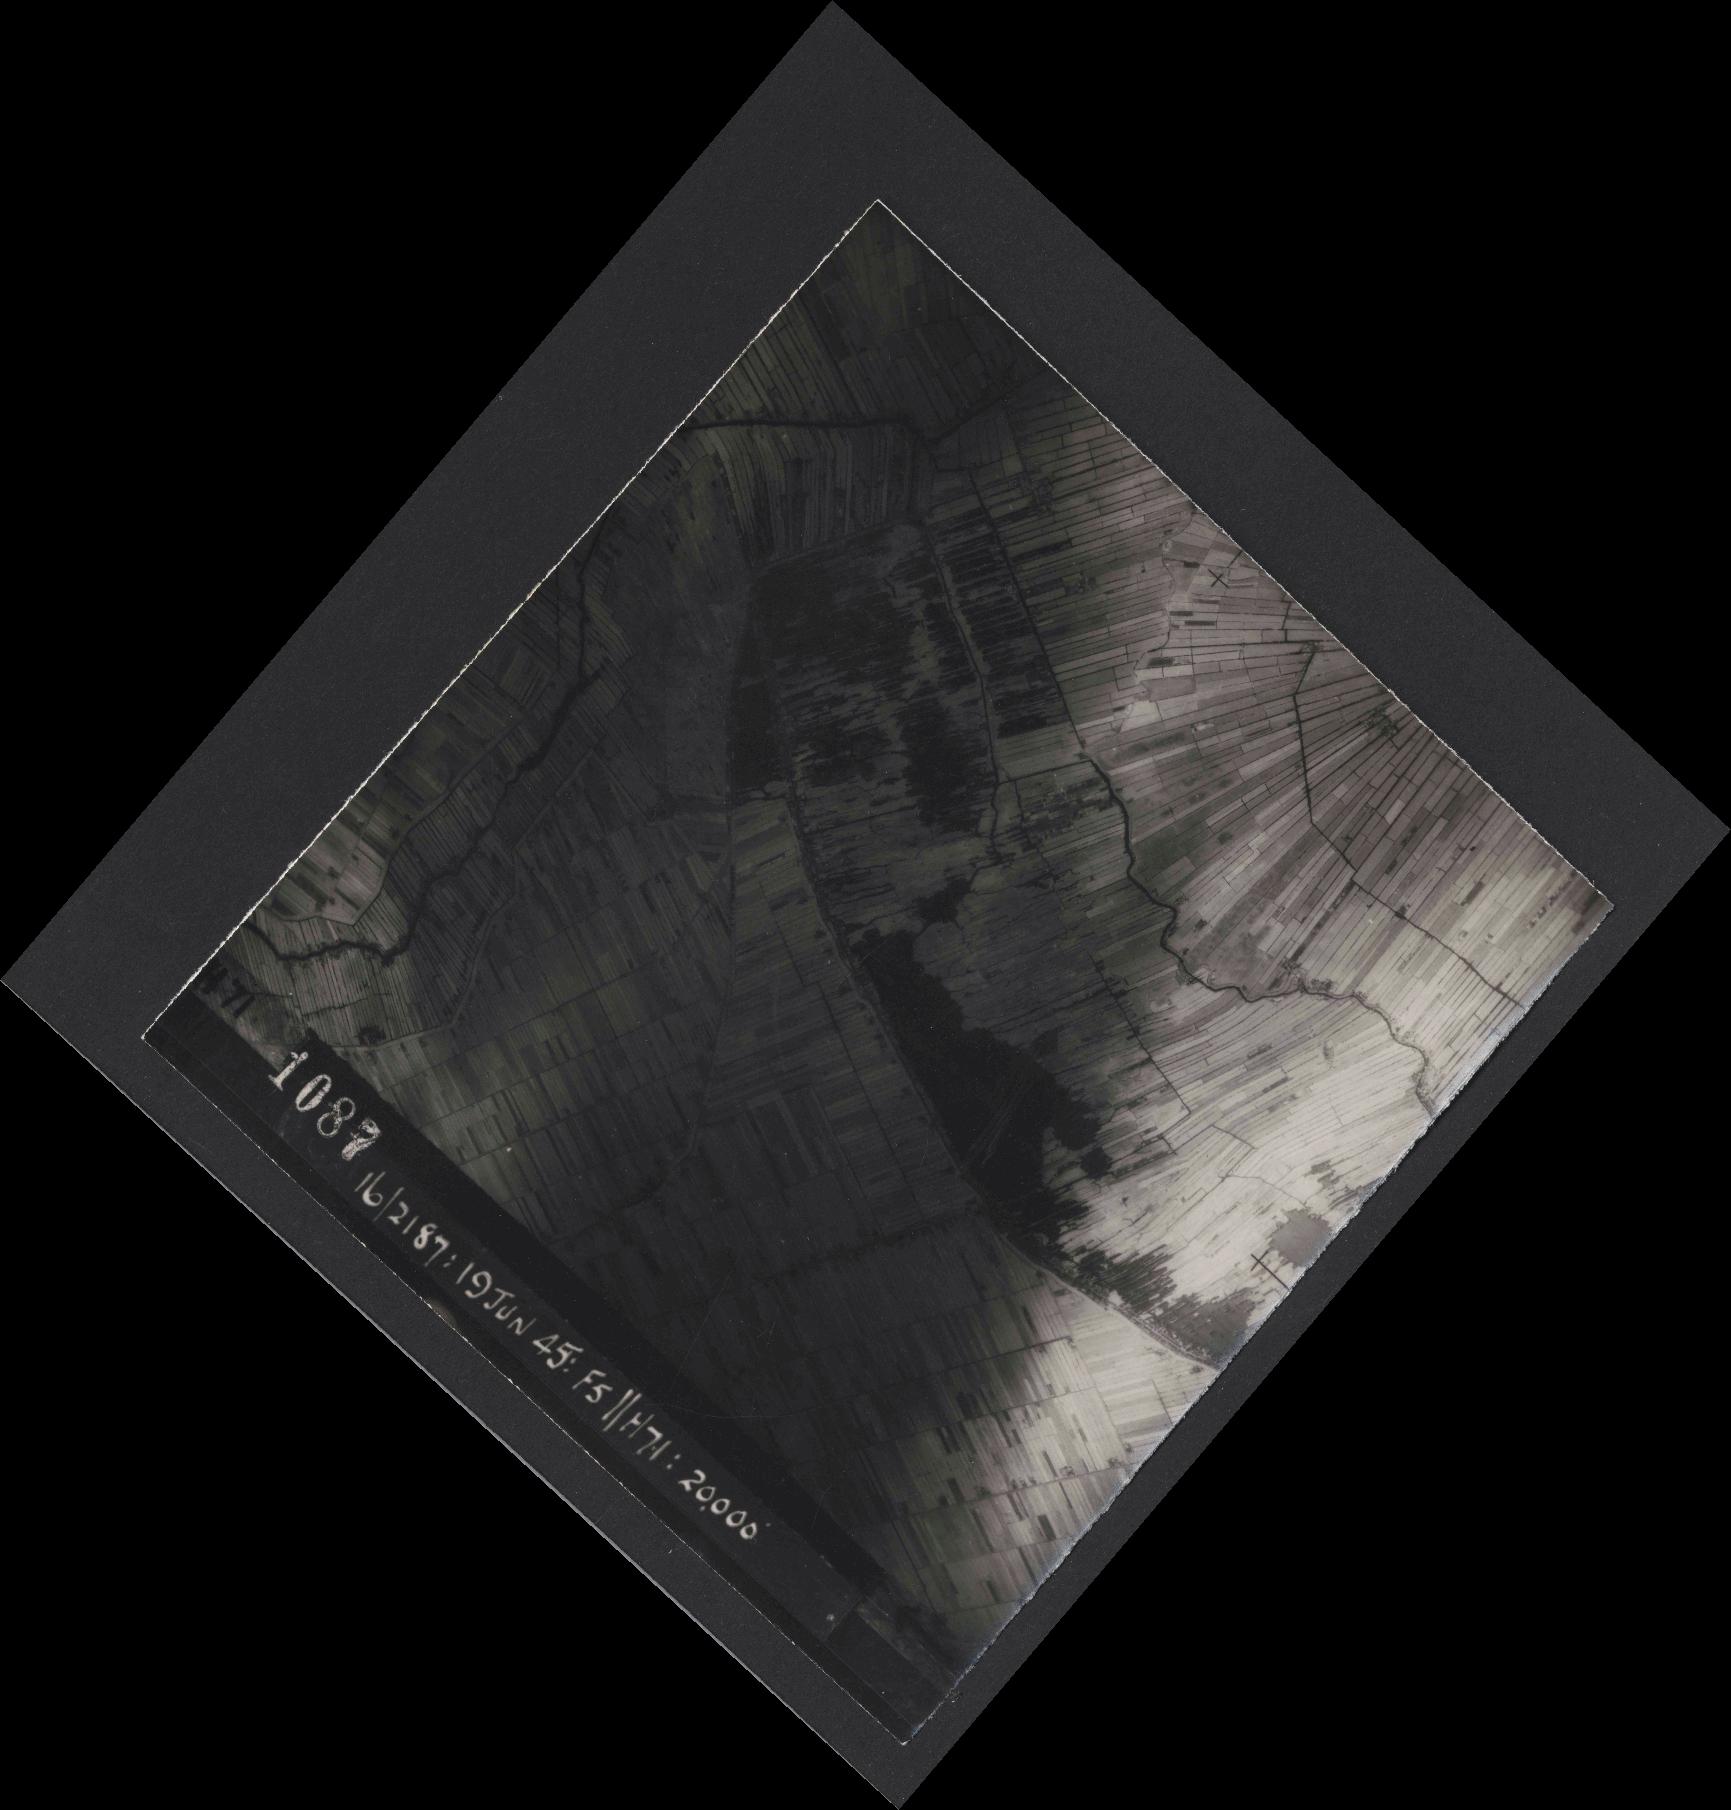 Collection RAF aerial photos 1940-1945 - flight 551, run 01, photo 1087